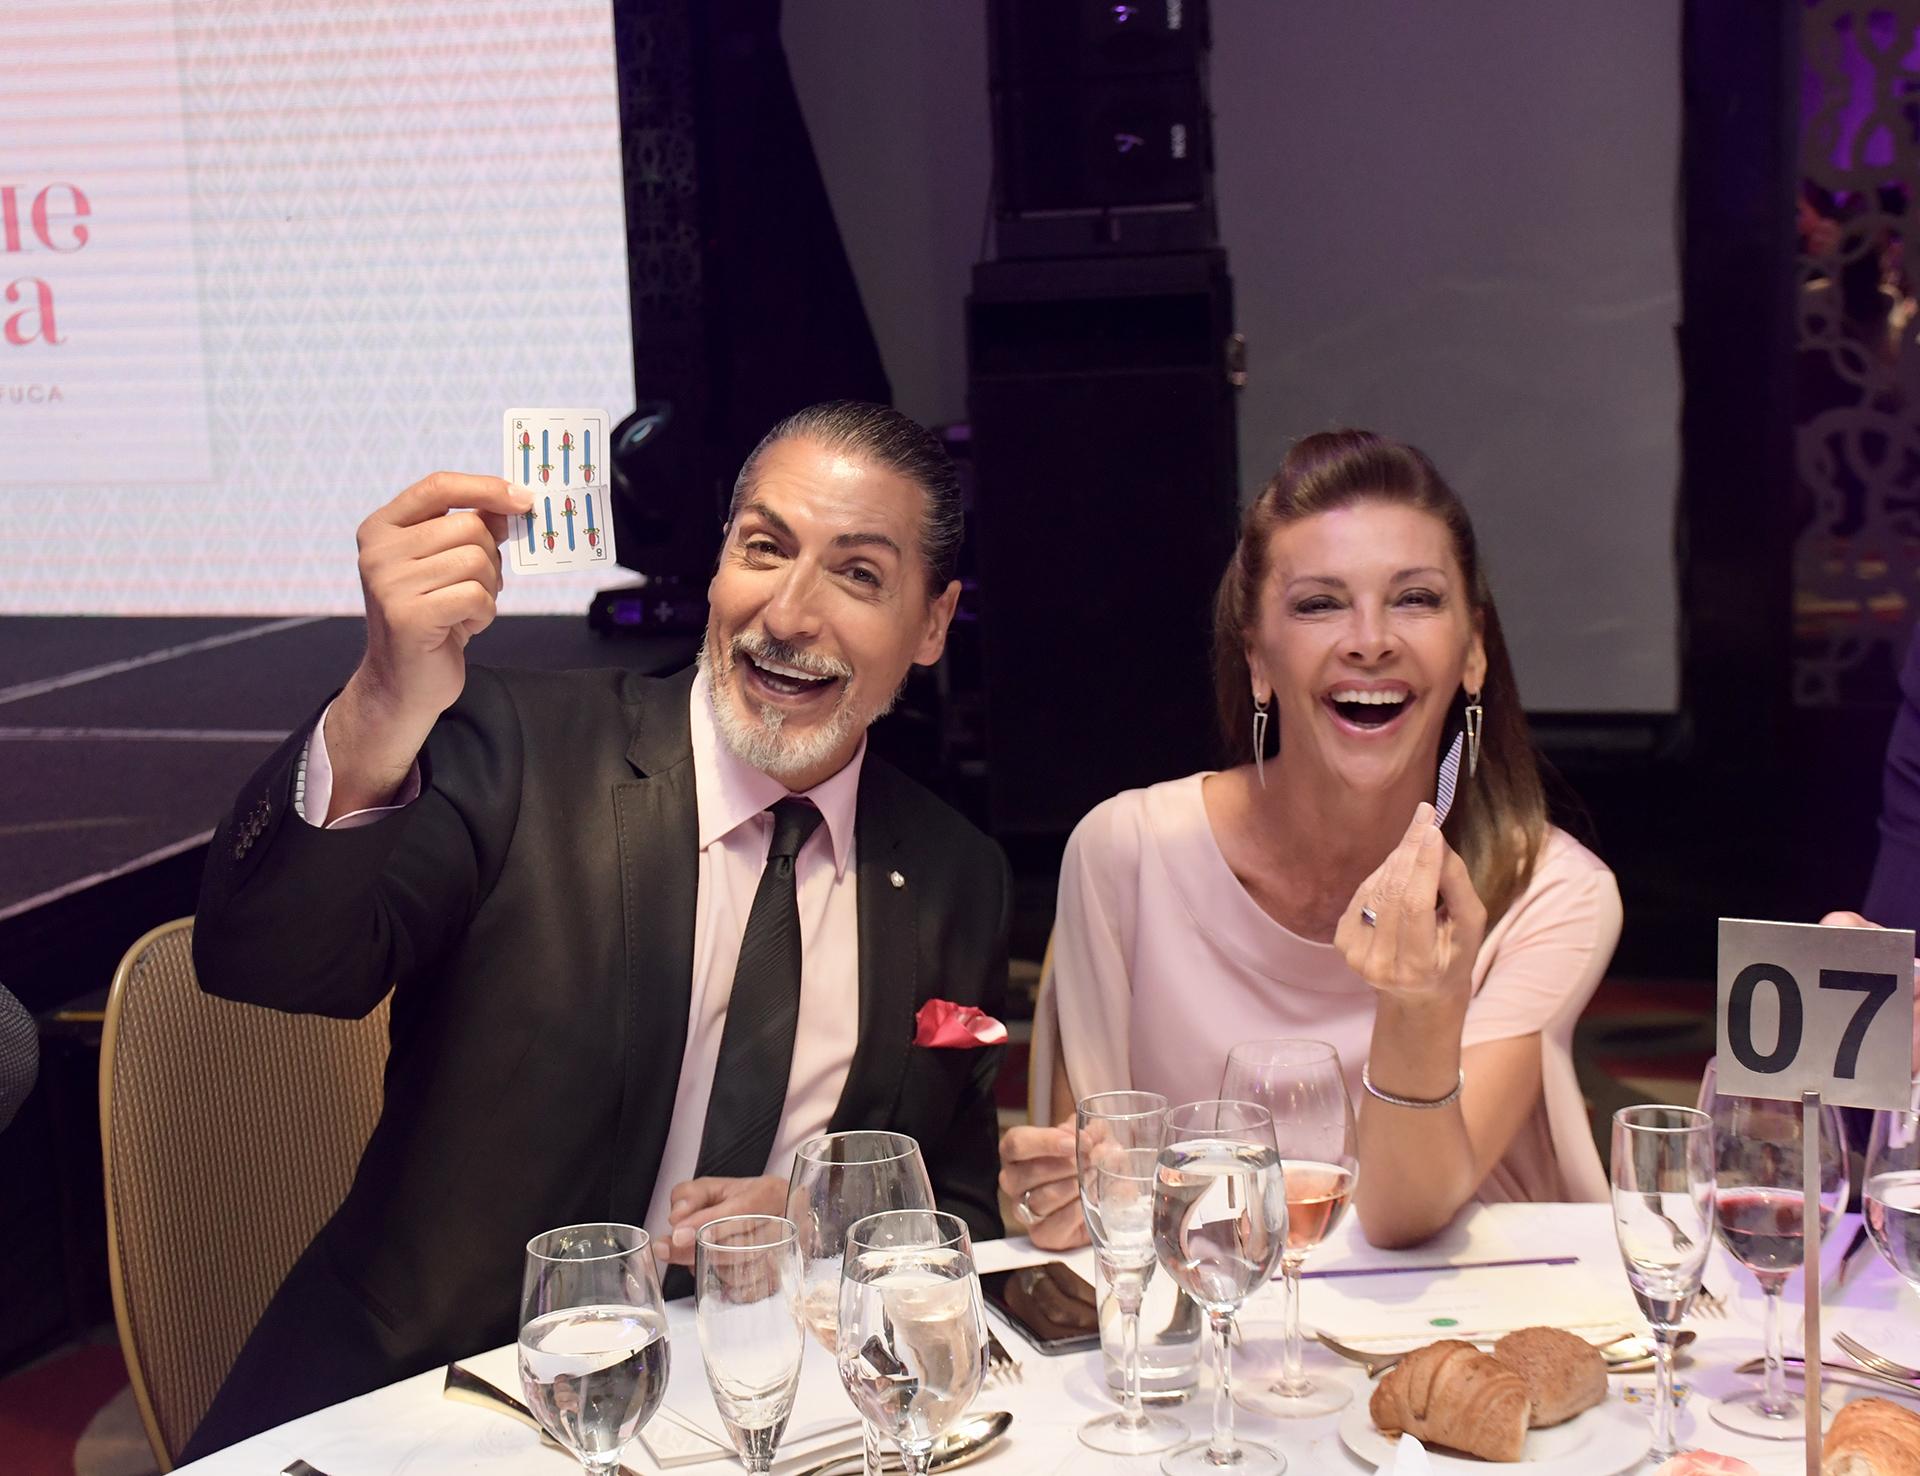 Divertidos, César Juricich y Fabiana Araujo durante el show de magia